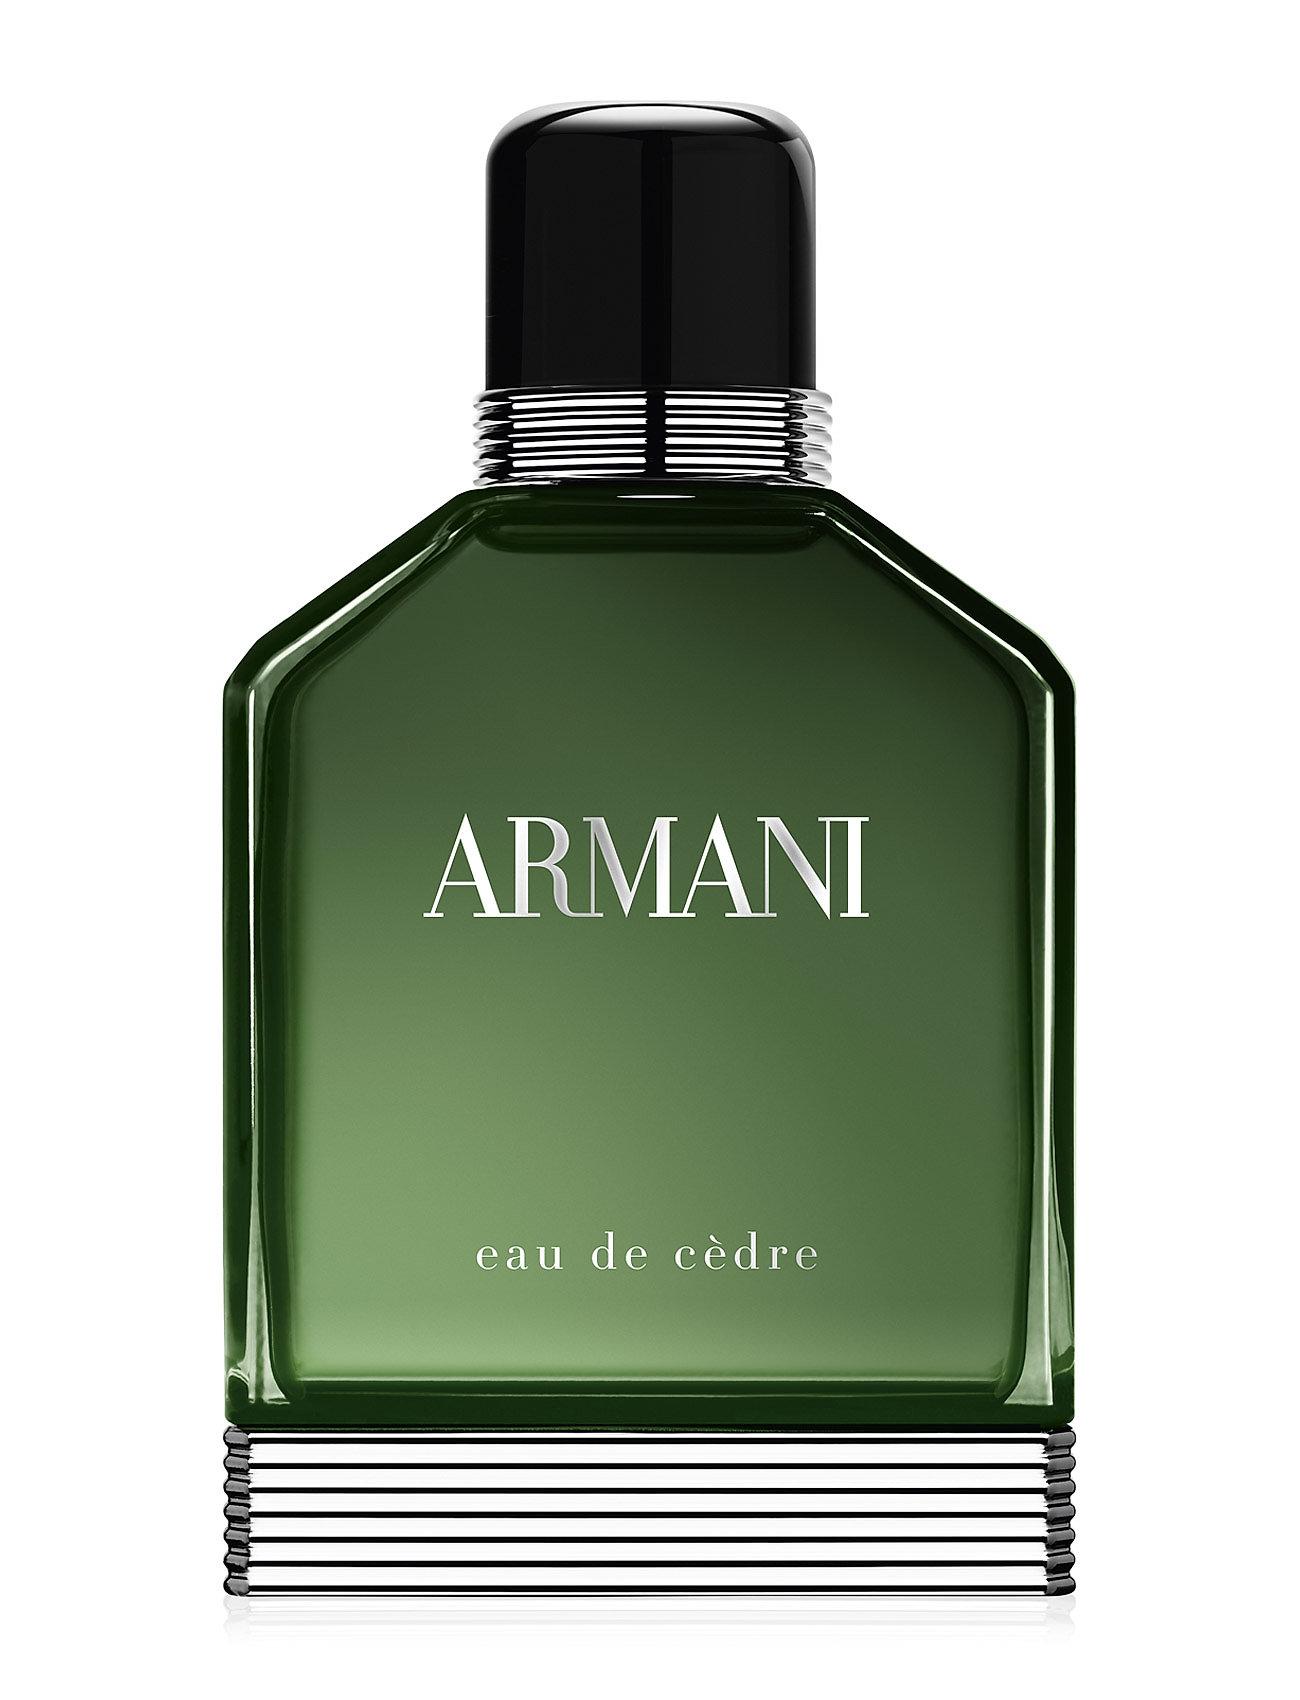 Armani eau de cedre 100ml fra giorgio armani fra boozt.com dk